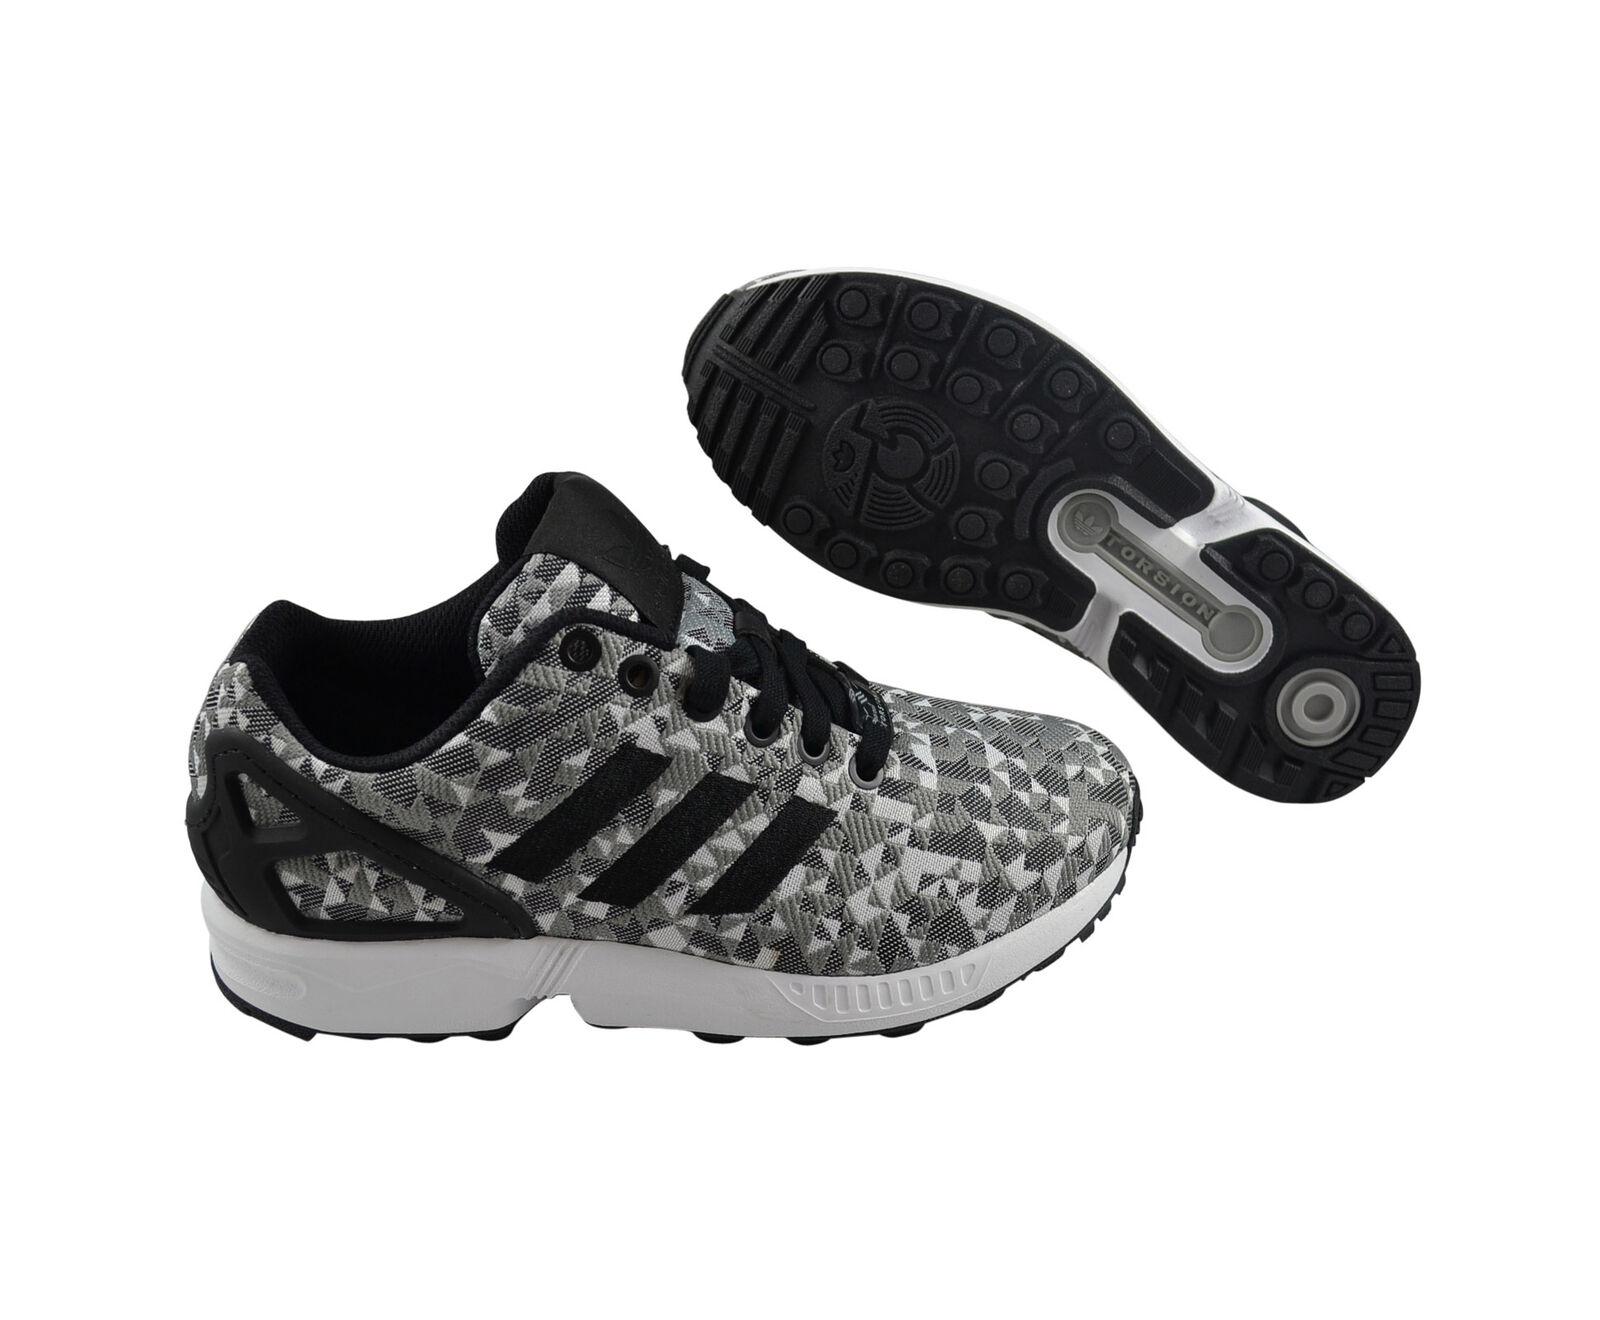 Adidas ZX Flux Weave ftwwht/cblack/chsogr Schuhe/Sneaker grau B34472